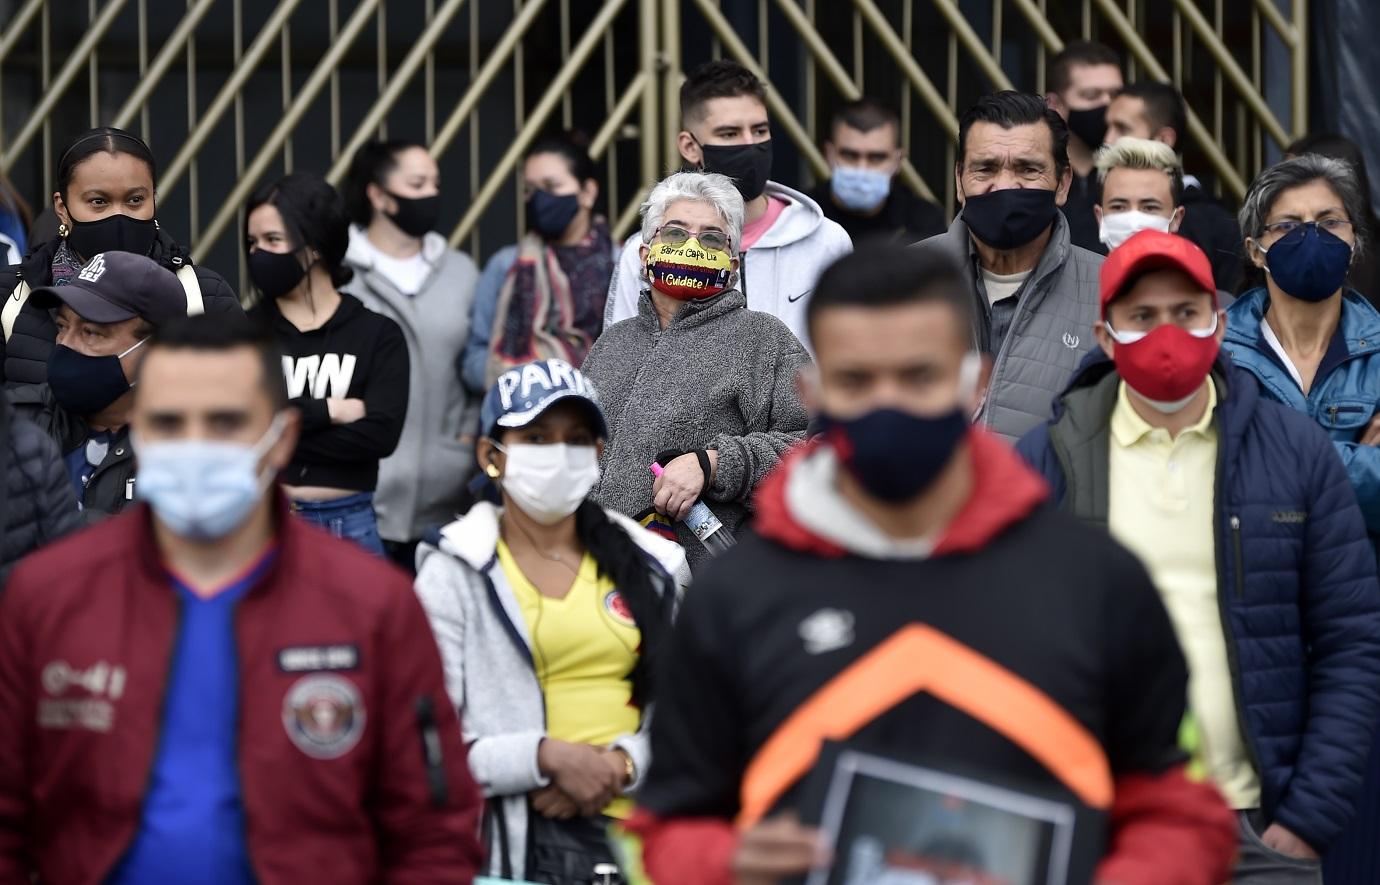 """""""No más cuarentena, apertura ya"""", fue uno de los mensajes más exclamado por el grupo de manifestantes que se tomó uno de los carriles de esa vía para movilizarse en contra de la cuarentena. / AFP"""